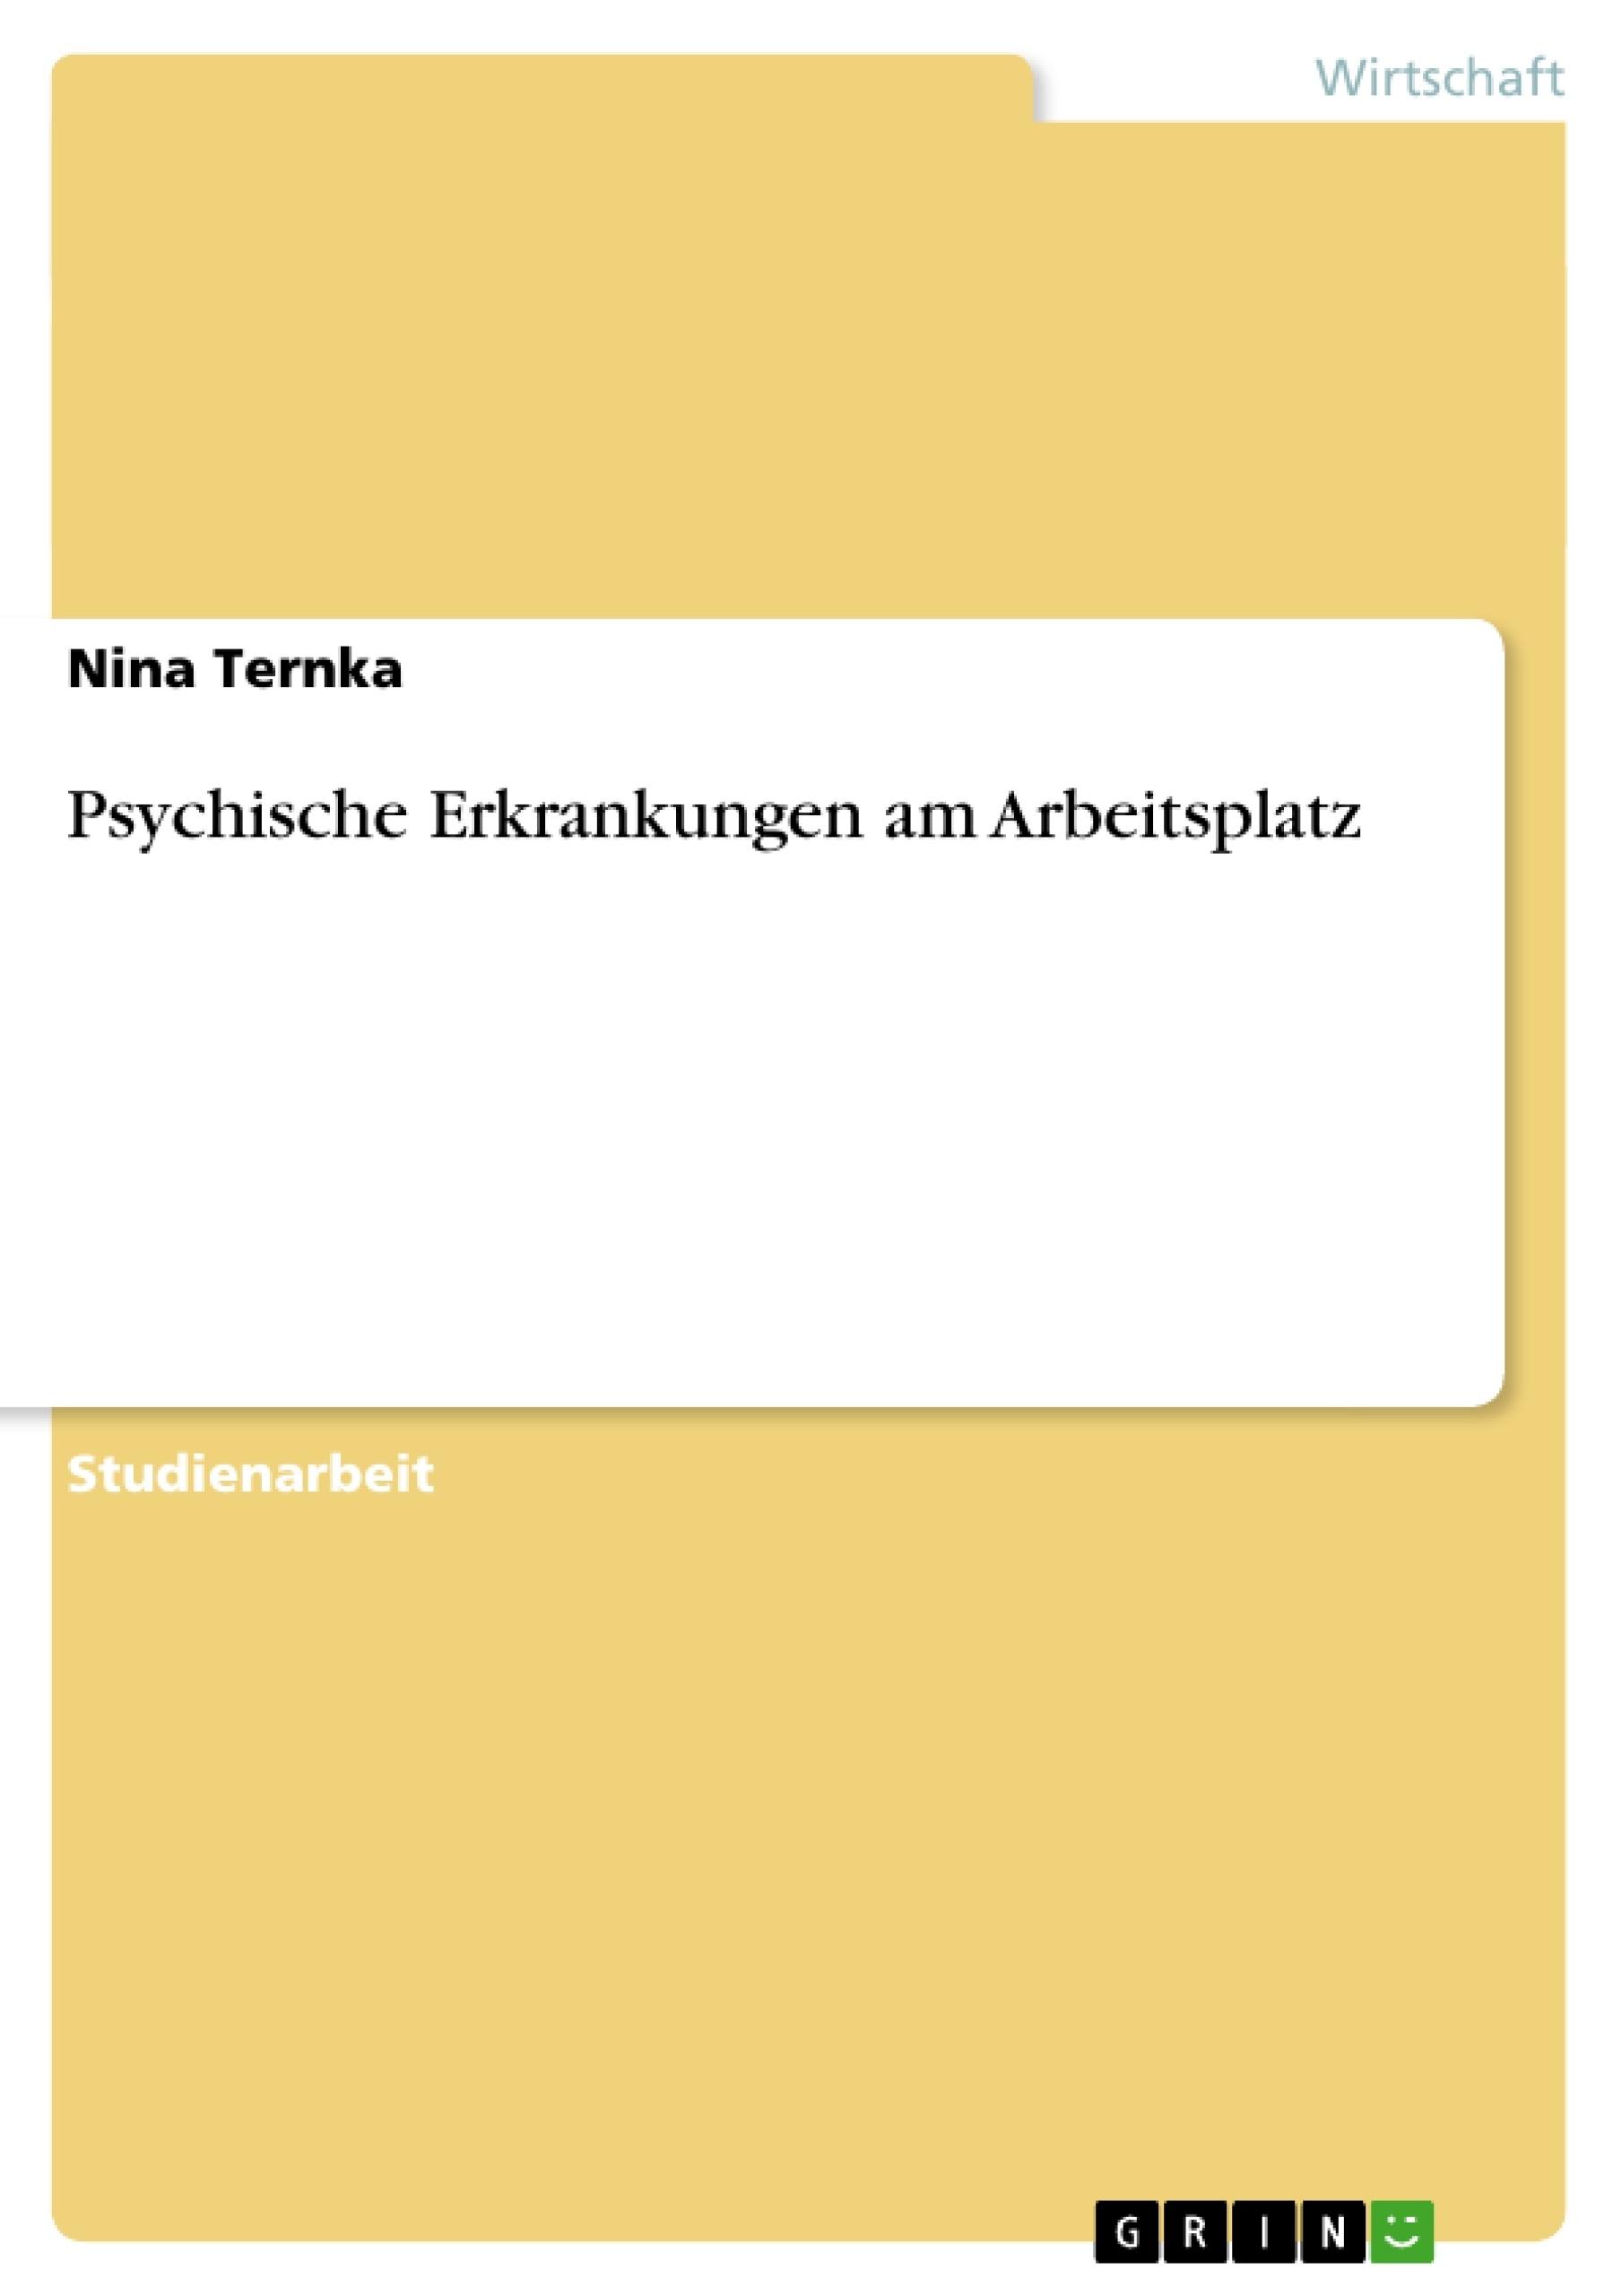 Titel: Psychische Erkrankungen am Arbeitsplatz